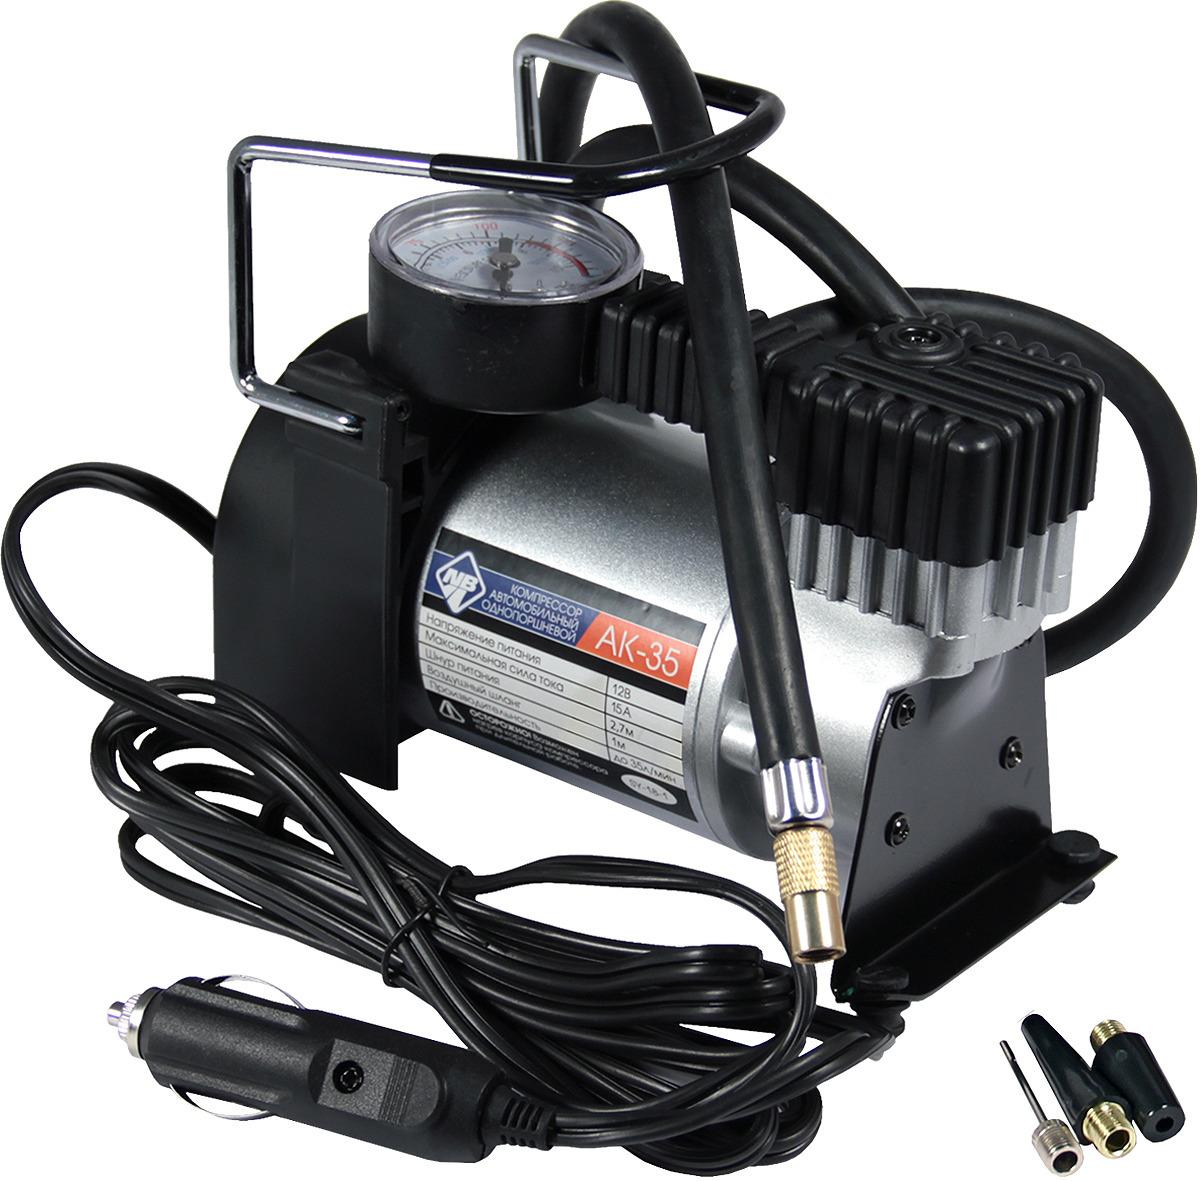 Автомобильный компрессор Nova Bright, 46948, 30 л/мин, 150 PSI, 12В компрессор воздушный barbus sb 248a с регулятором 1 канал 3 5 л мин